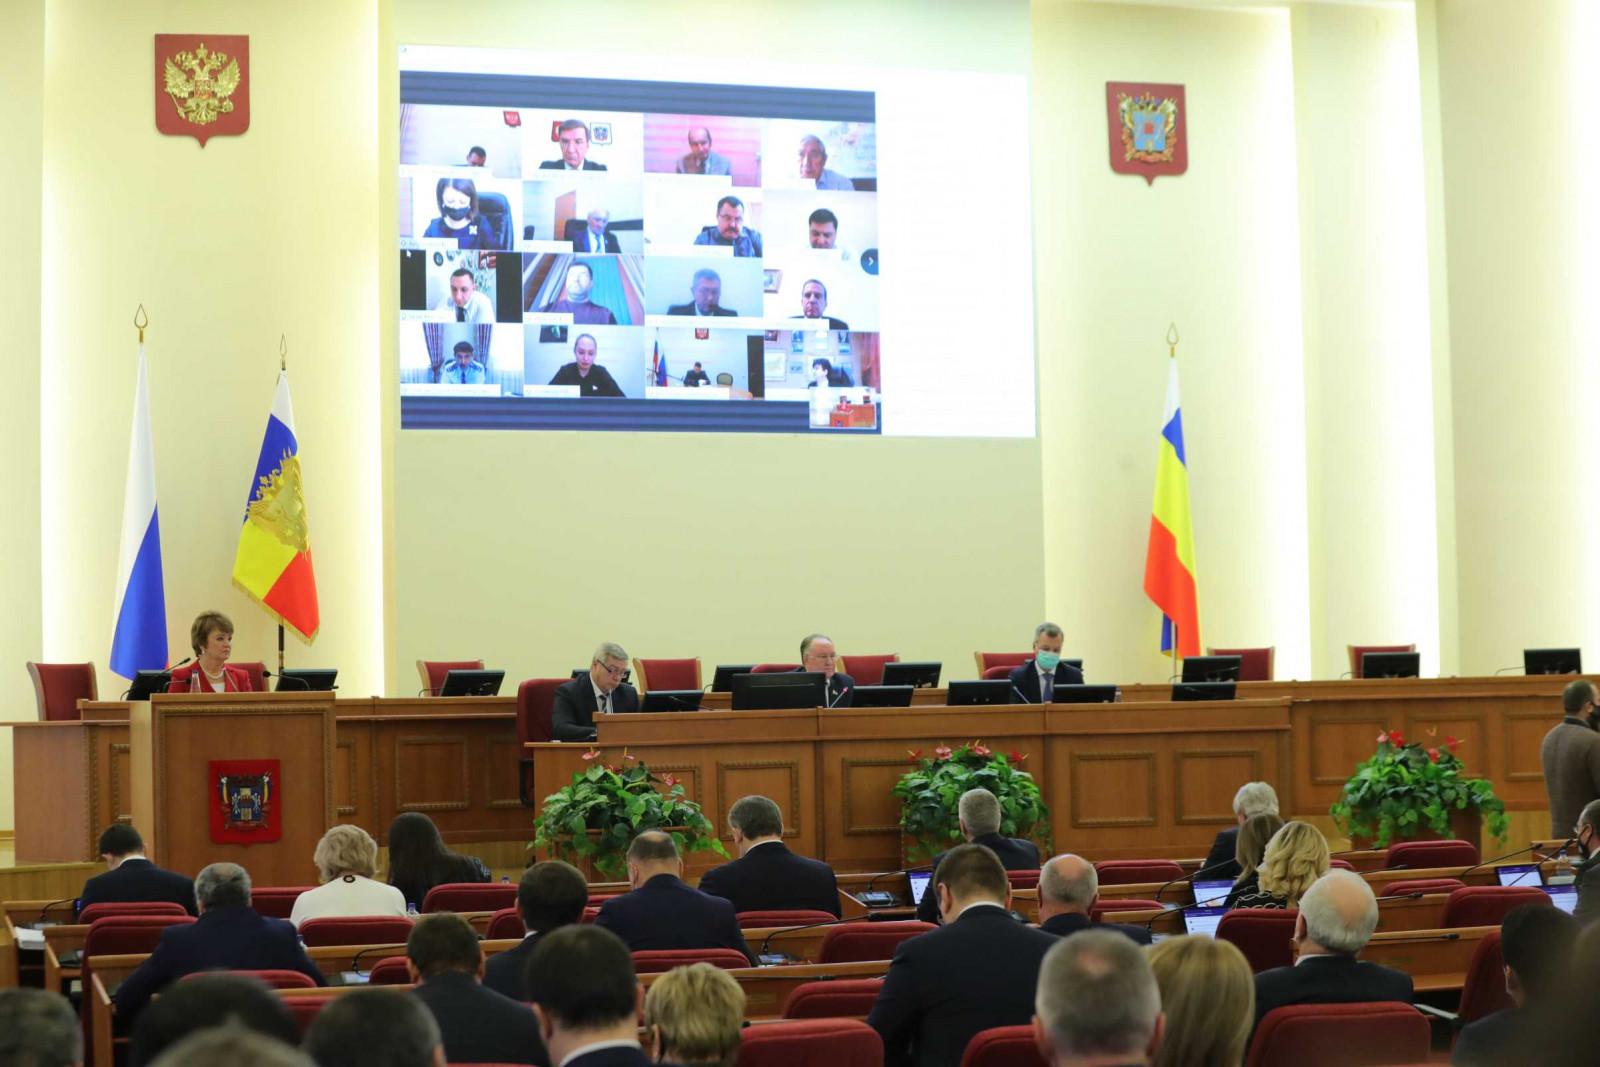 Бюджет Ростовской области в максимальной степени сбалансирован